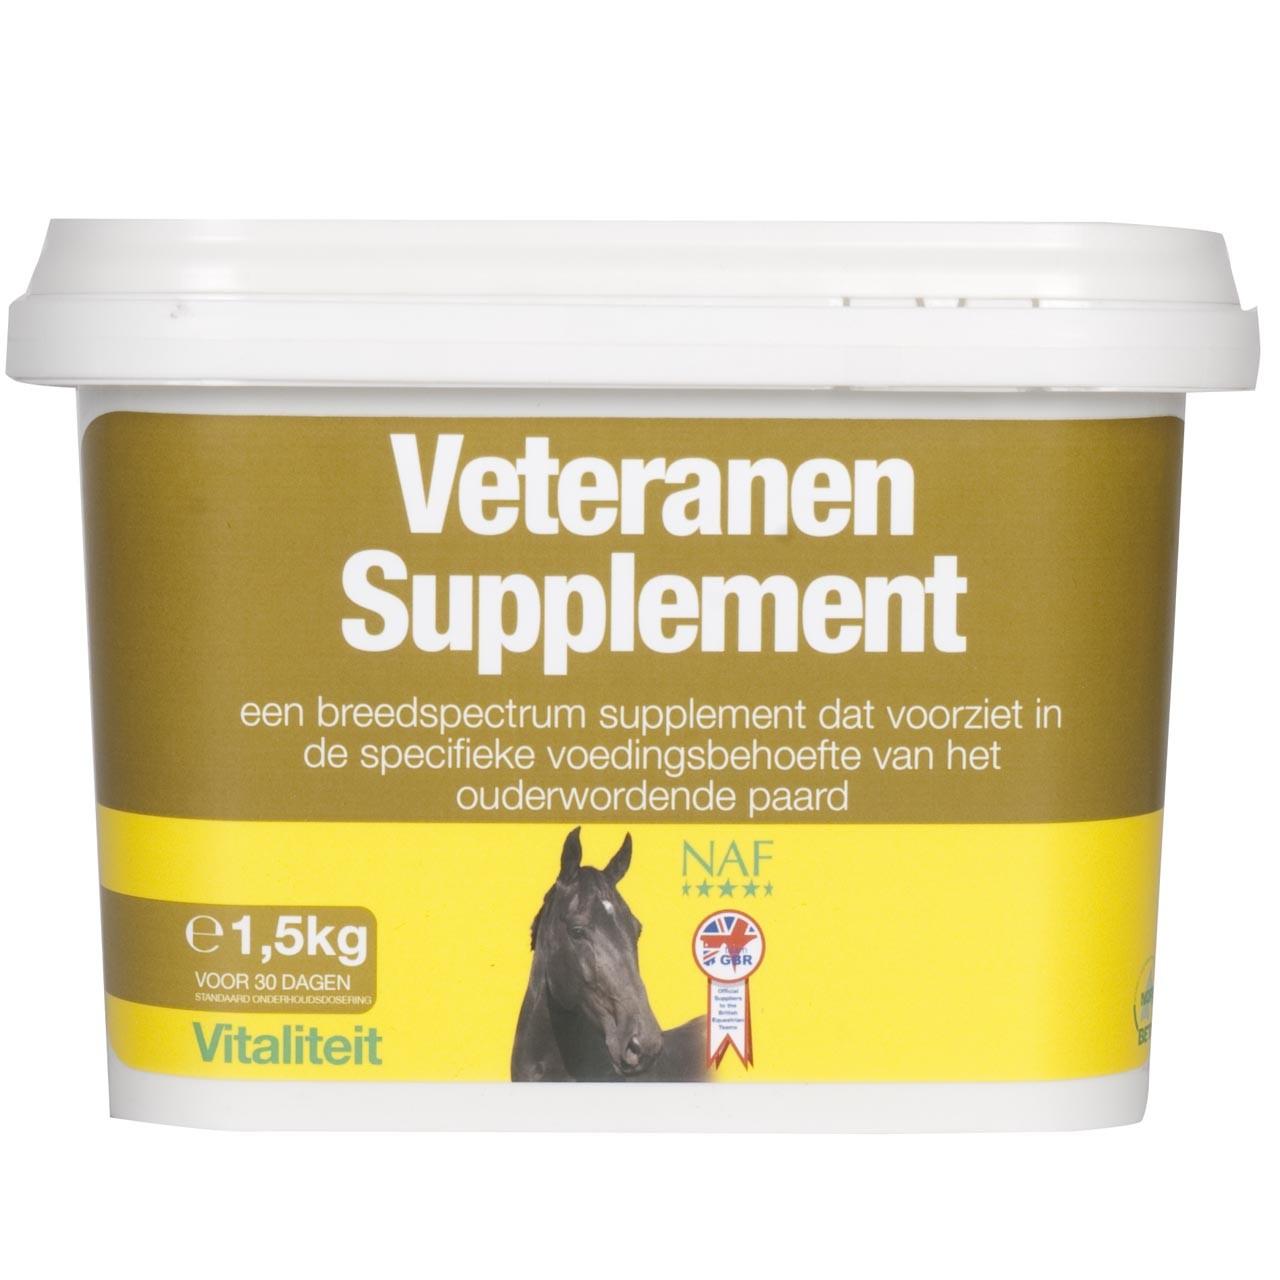 NAF Veteranen Supplement horse - Voeding en Supllementen